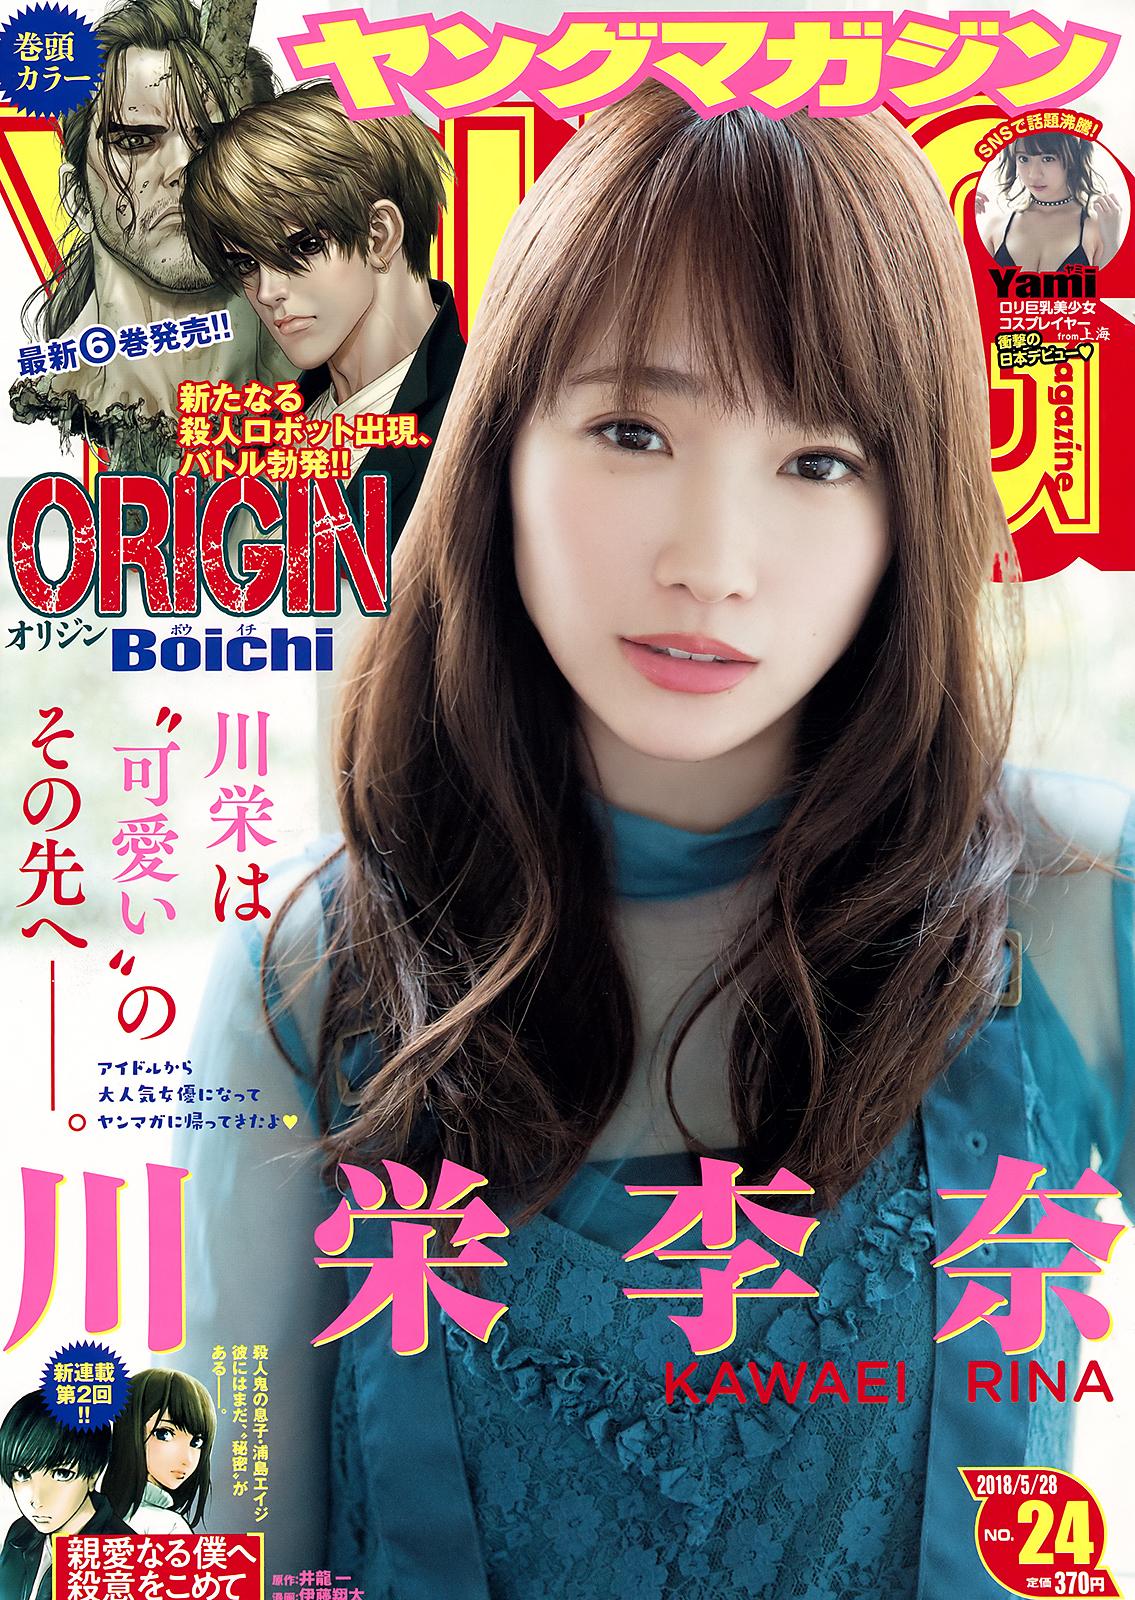 AKB48鈴木優香ちゃんの小悪魔オーラのグラビア画像! - AKBと坂道